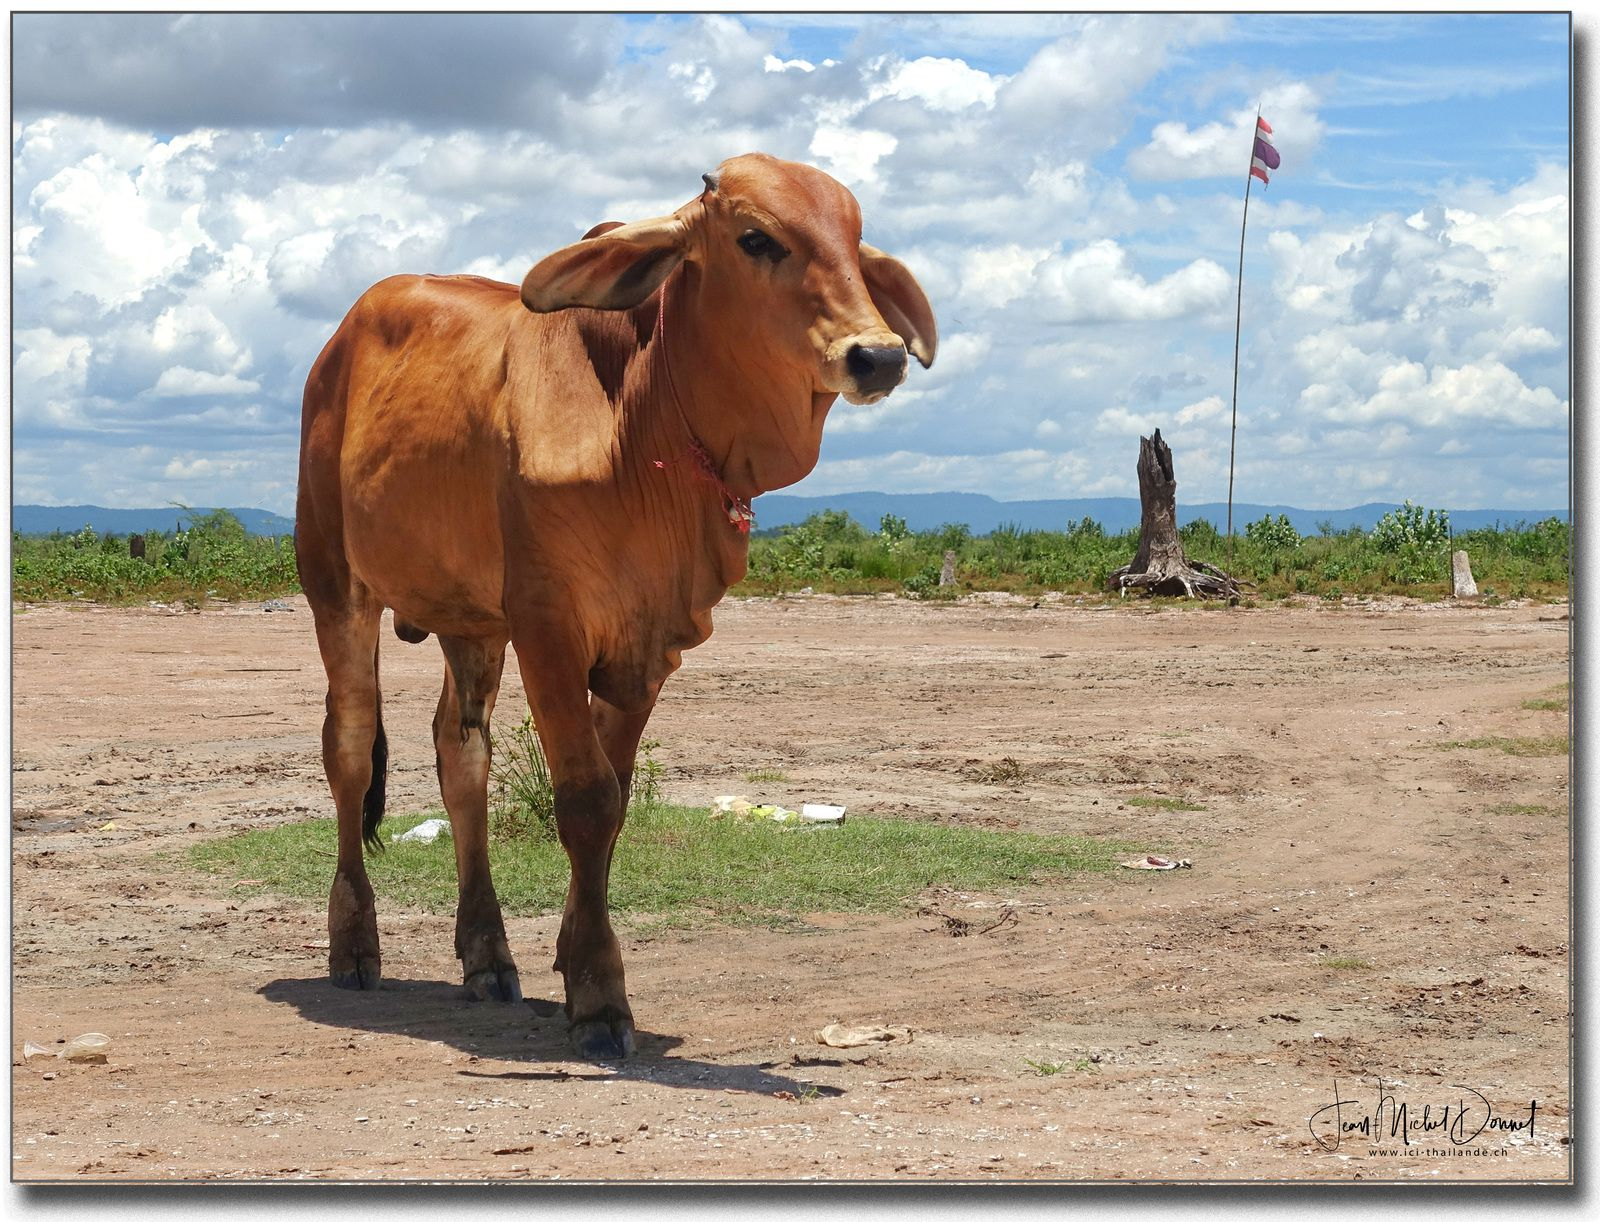 Elles profitent les vaches, leur espace s'est fortement agrandi.